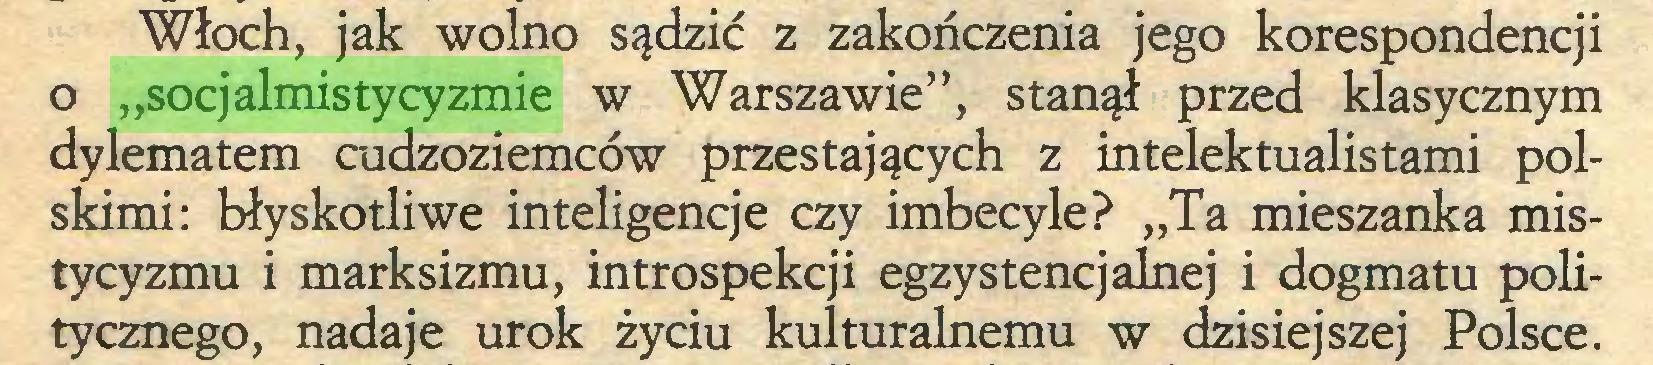 """(...) Włoch, jak wolno sądzić z zakończenia jego korespondencji o """"socjalmistycyzmie w Warszawie"""", stanął przed klasycznym dylematem cudzoziemców przestających z intelektualistami polskimi: błyskotliwe inteligencje czy imbecyle? """"Ta mieszanka mistycyzmu i marksizmu, introspekcji egzystencjalnej i dogmatu politycznego, nadaje urok życiu kulturalnemu w dzisiejszej Polsce..."""